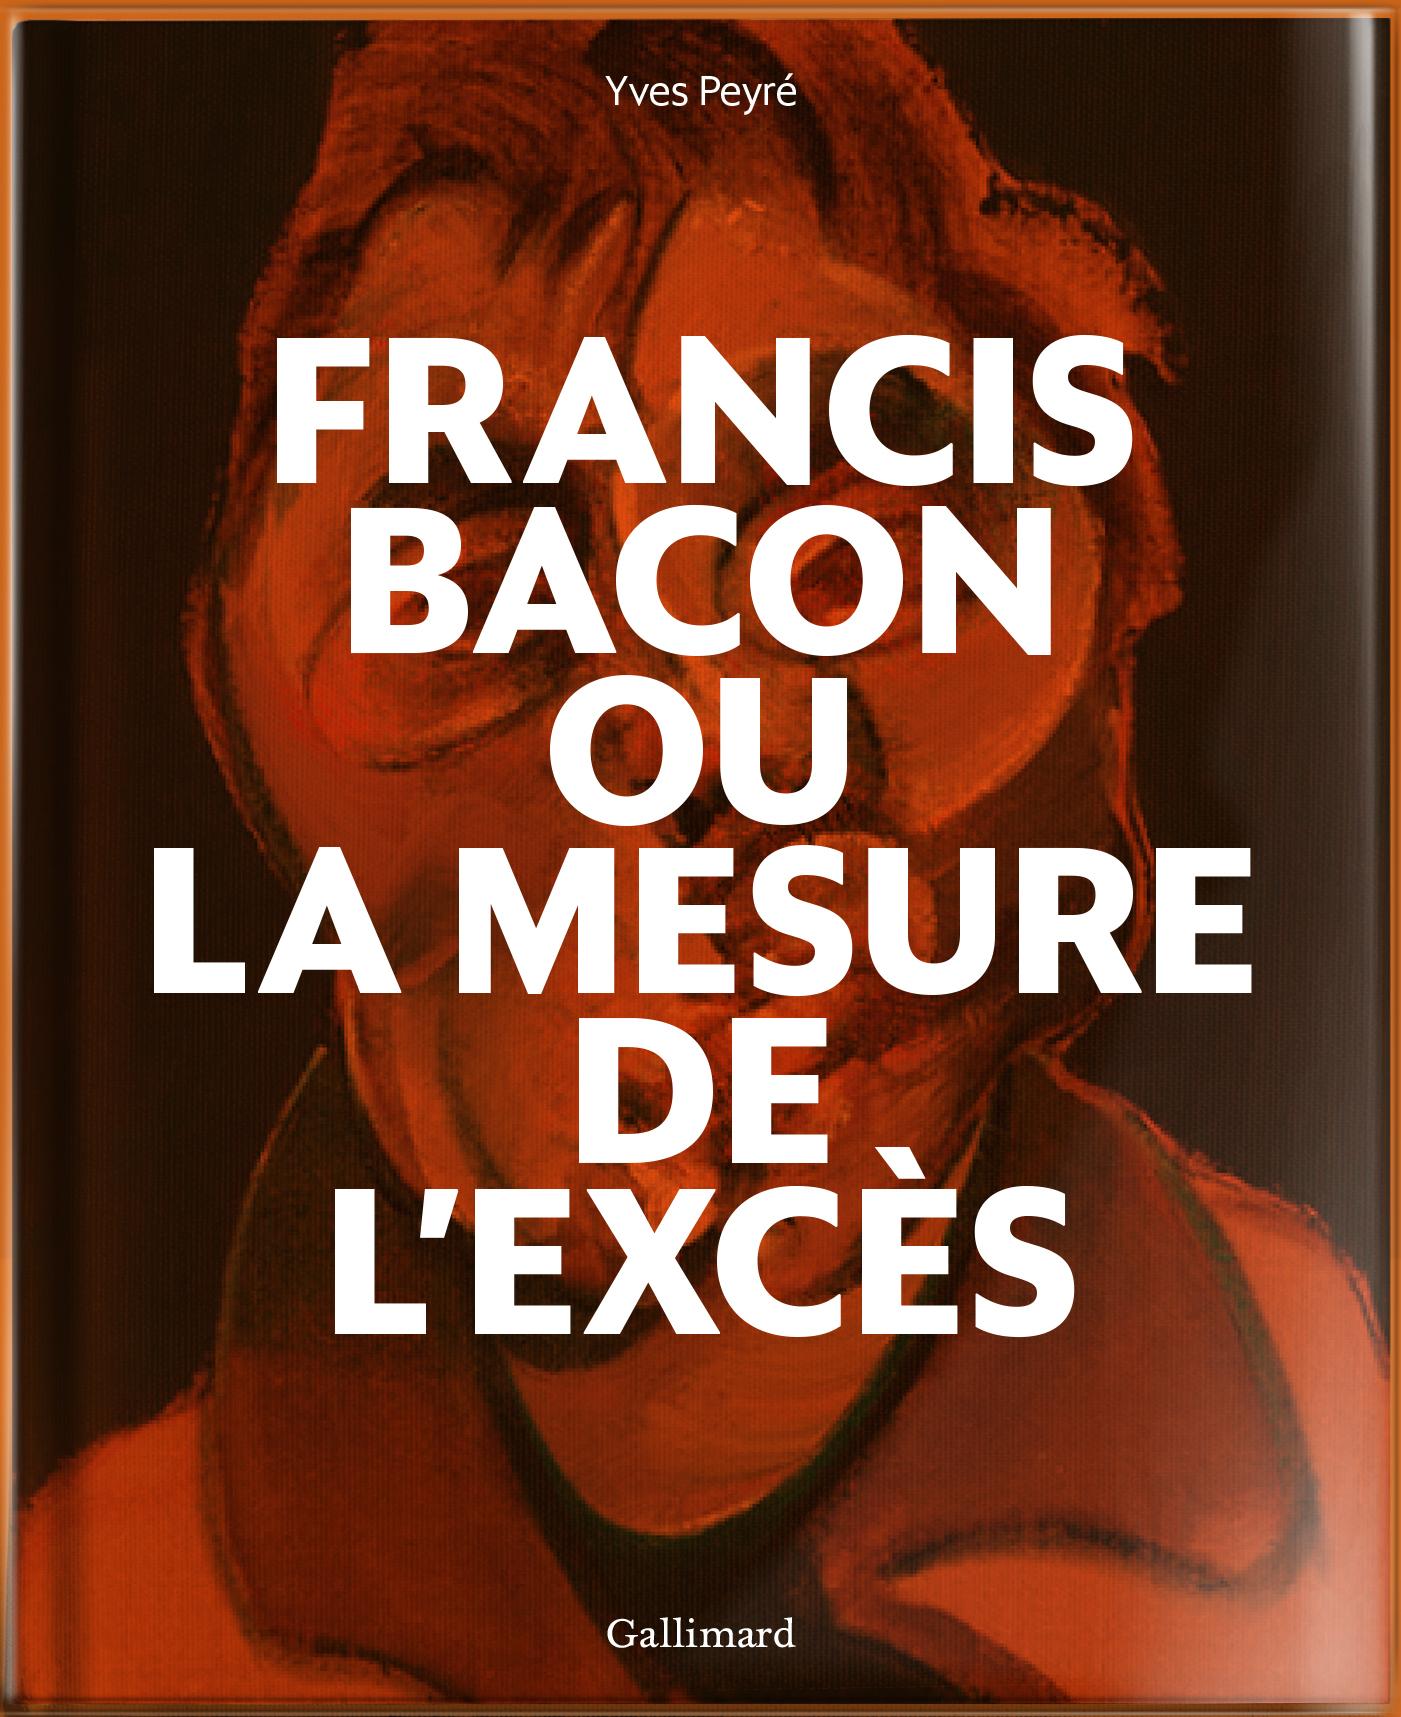 FRANCIS BACON OU LA MESURE DE L'EXCES